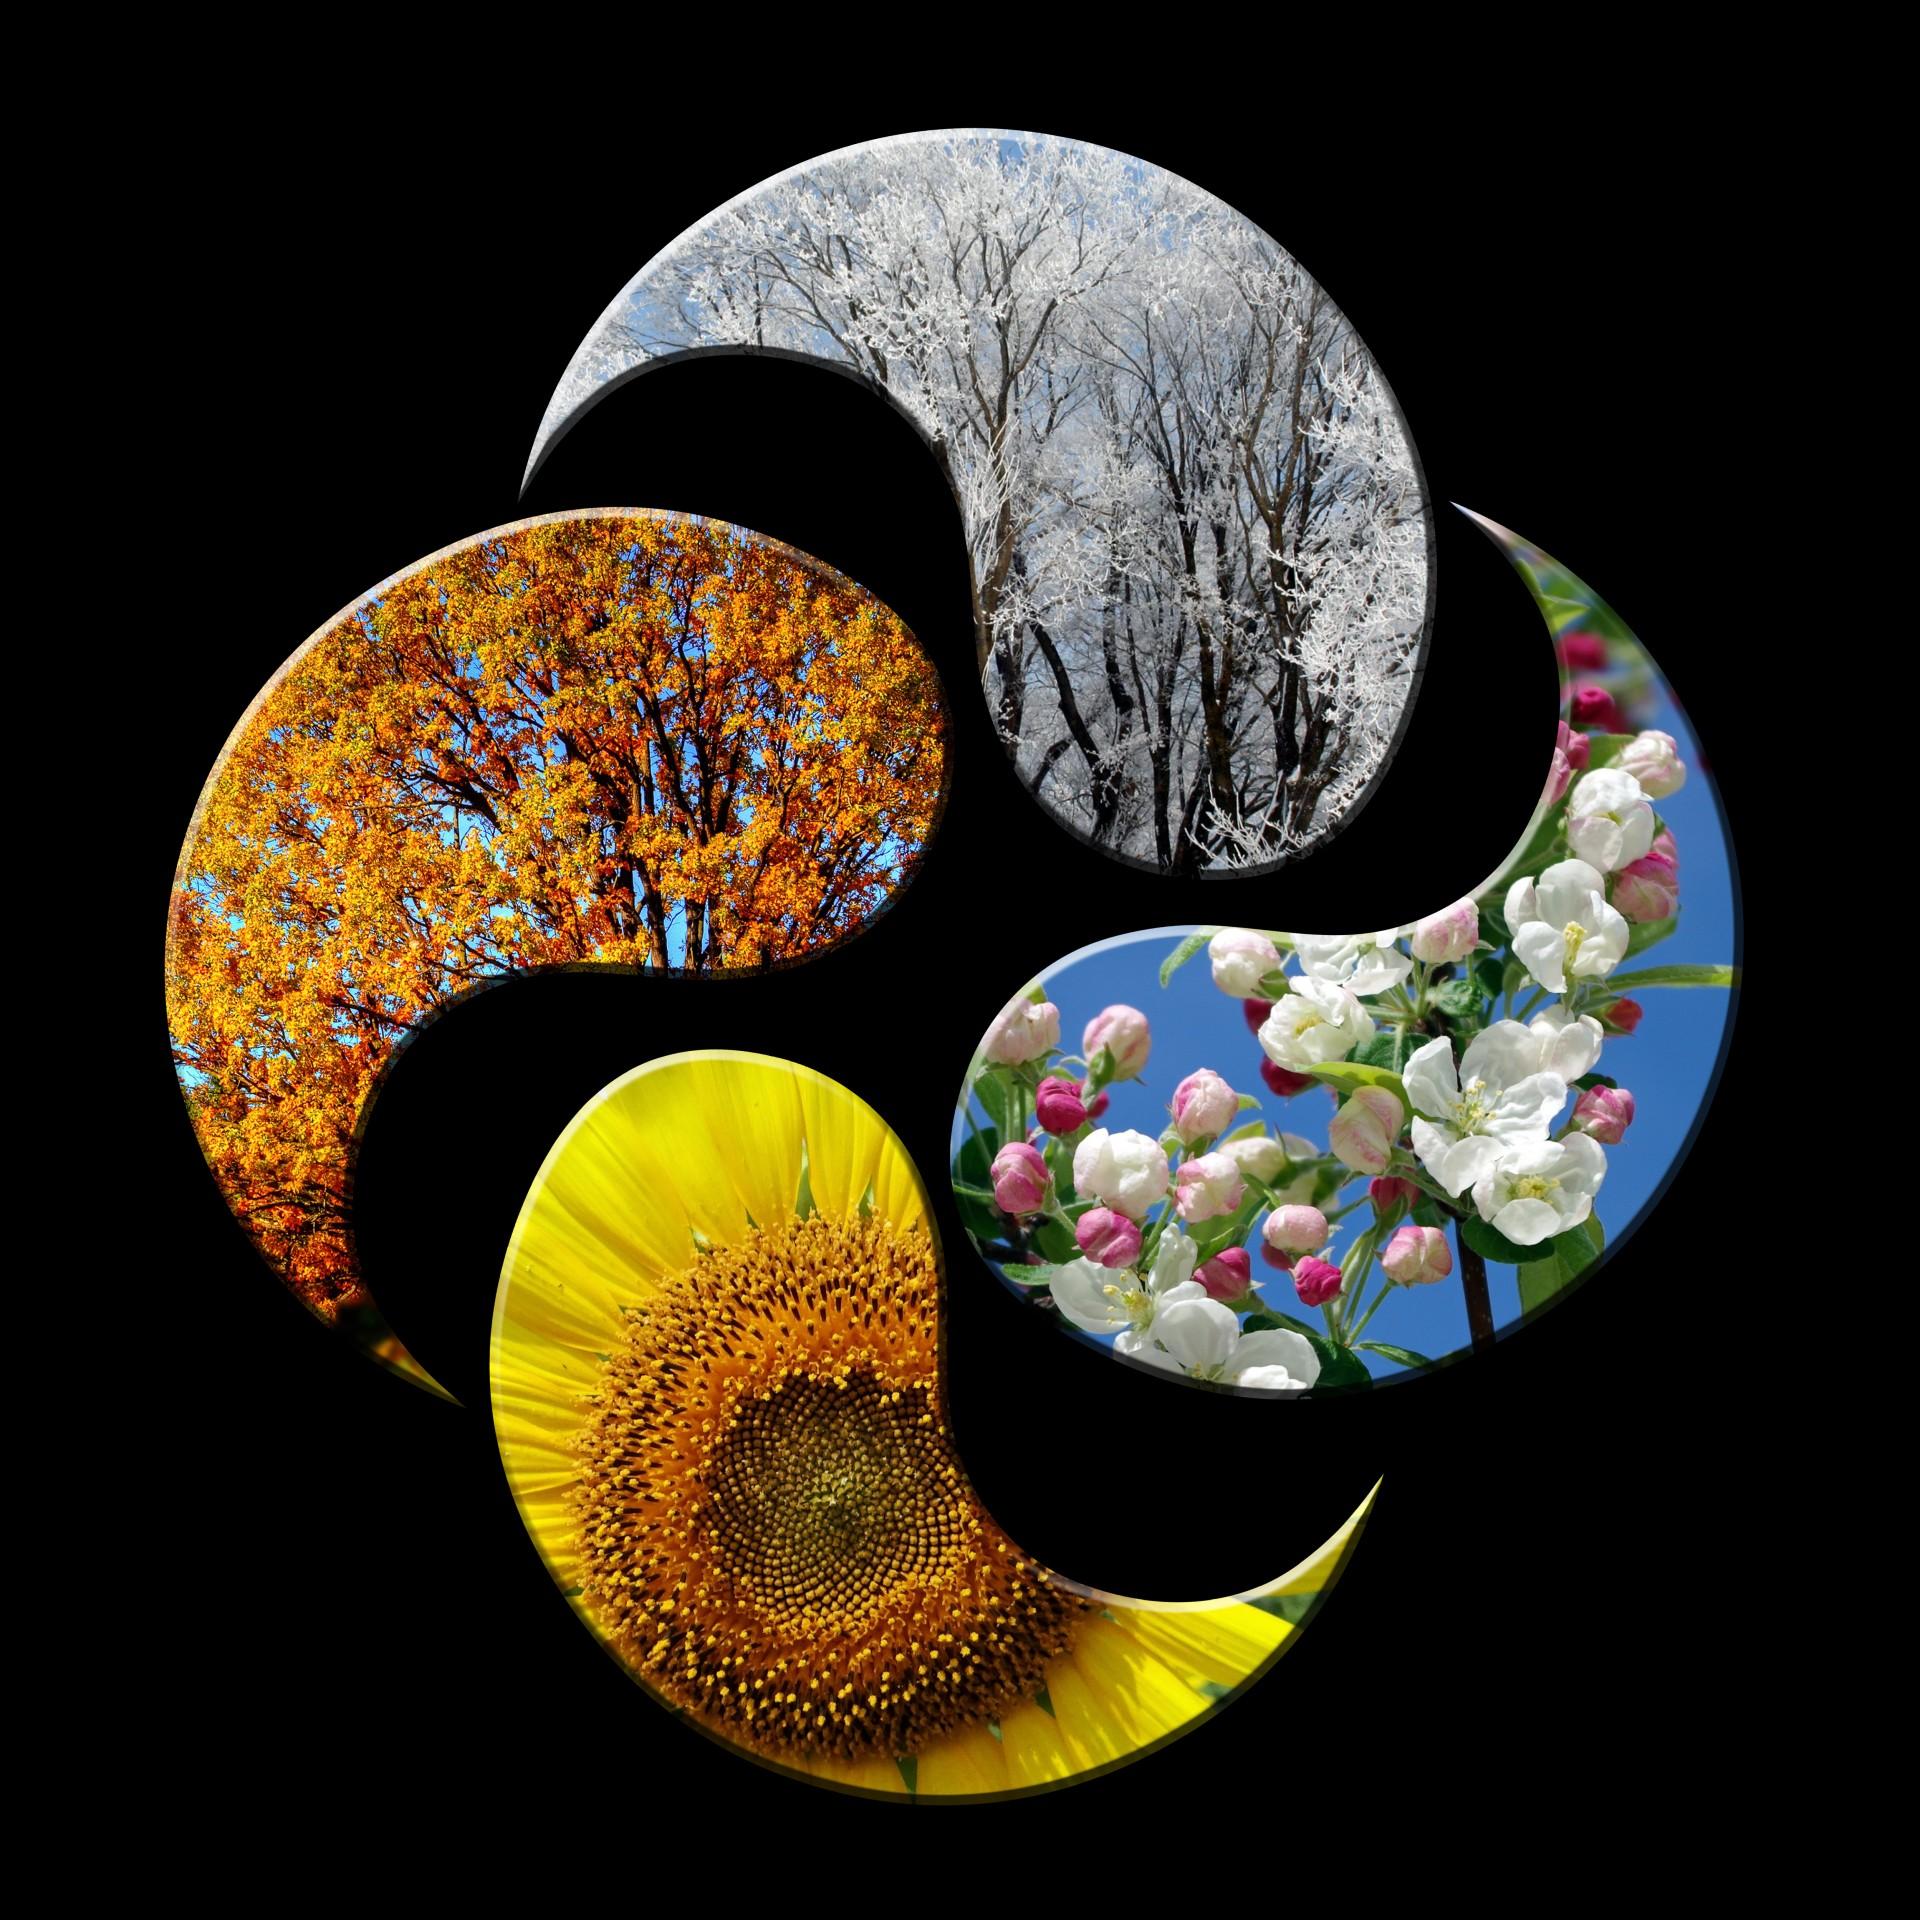 Four Seasons Free Stock Photo